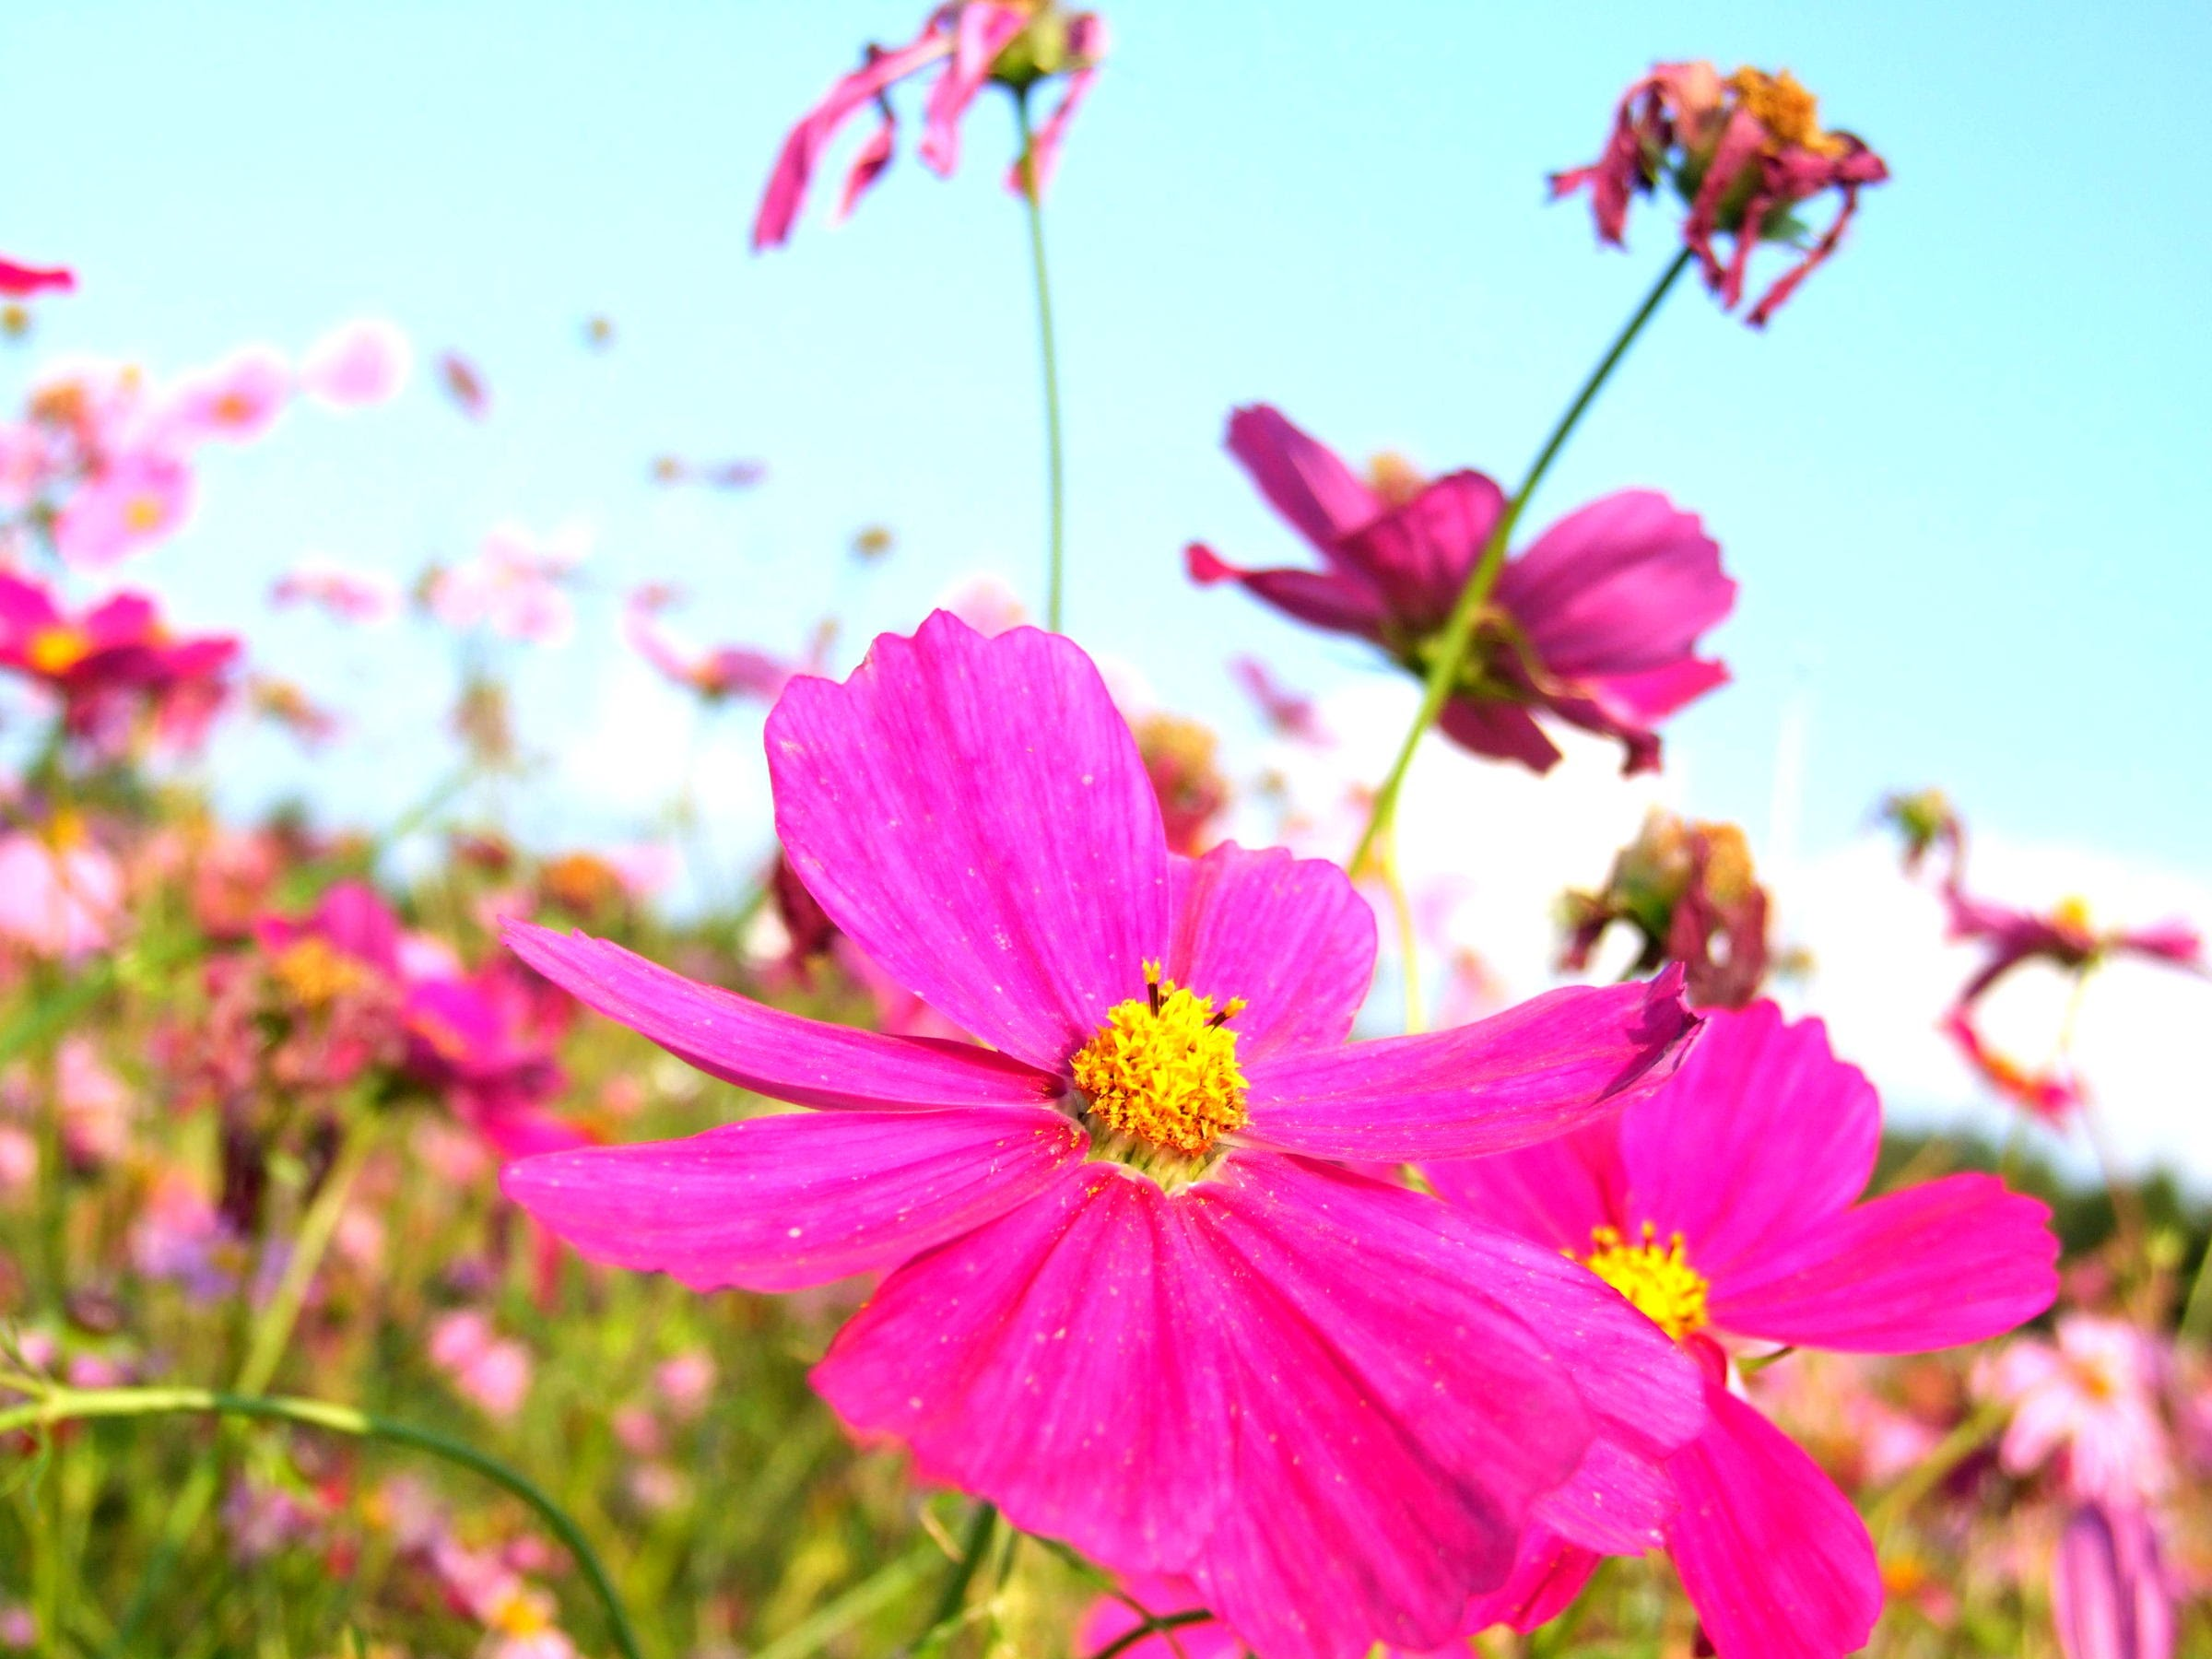 秋桜,コスモス,秋,花,風景,写真素材,autumn cherry blossoms, cosmos, autumn, flower, landscape, photograph